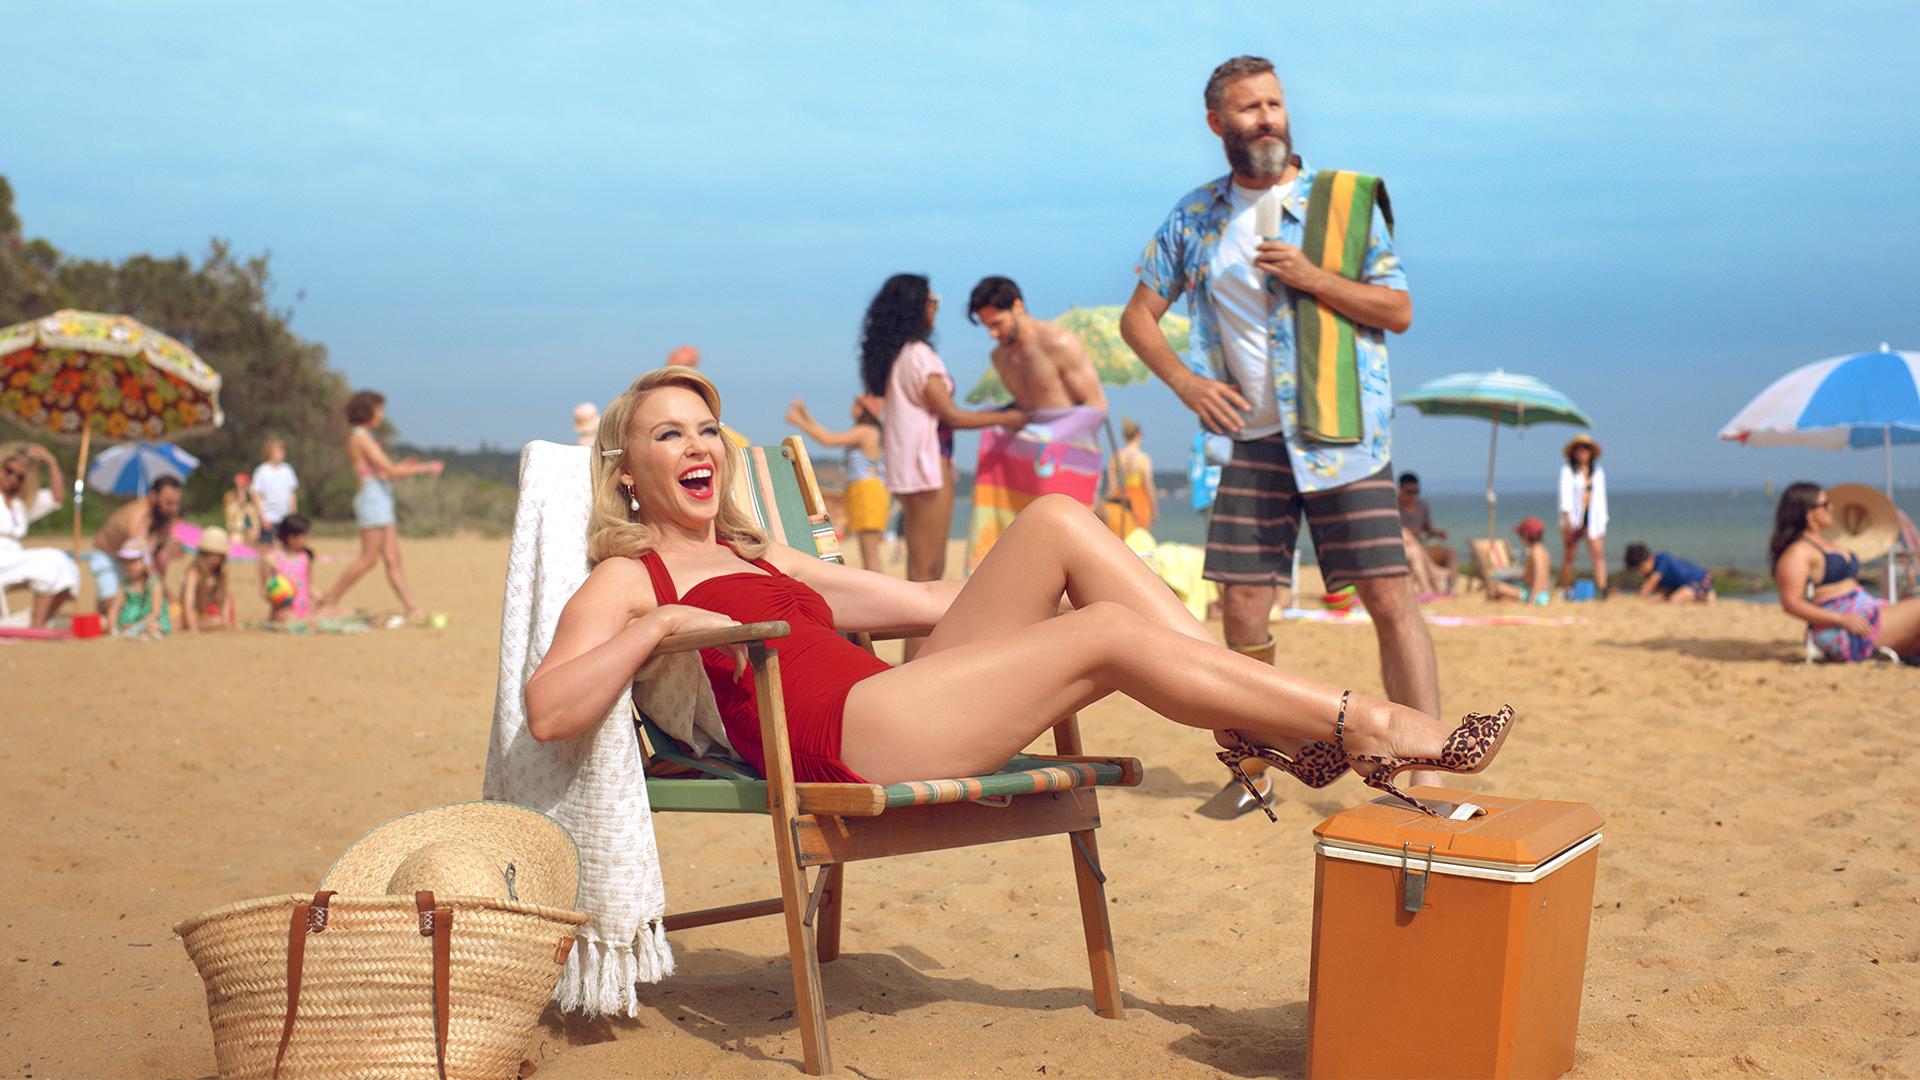 Kylie Minogue Invites Brits Down Under in New Tourism Australia Ad